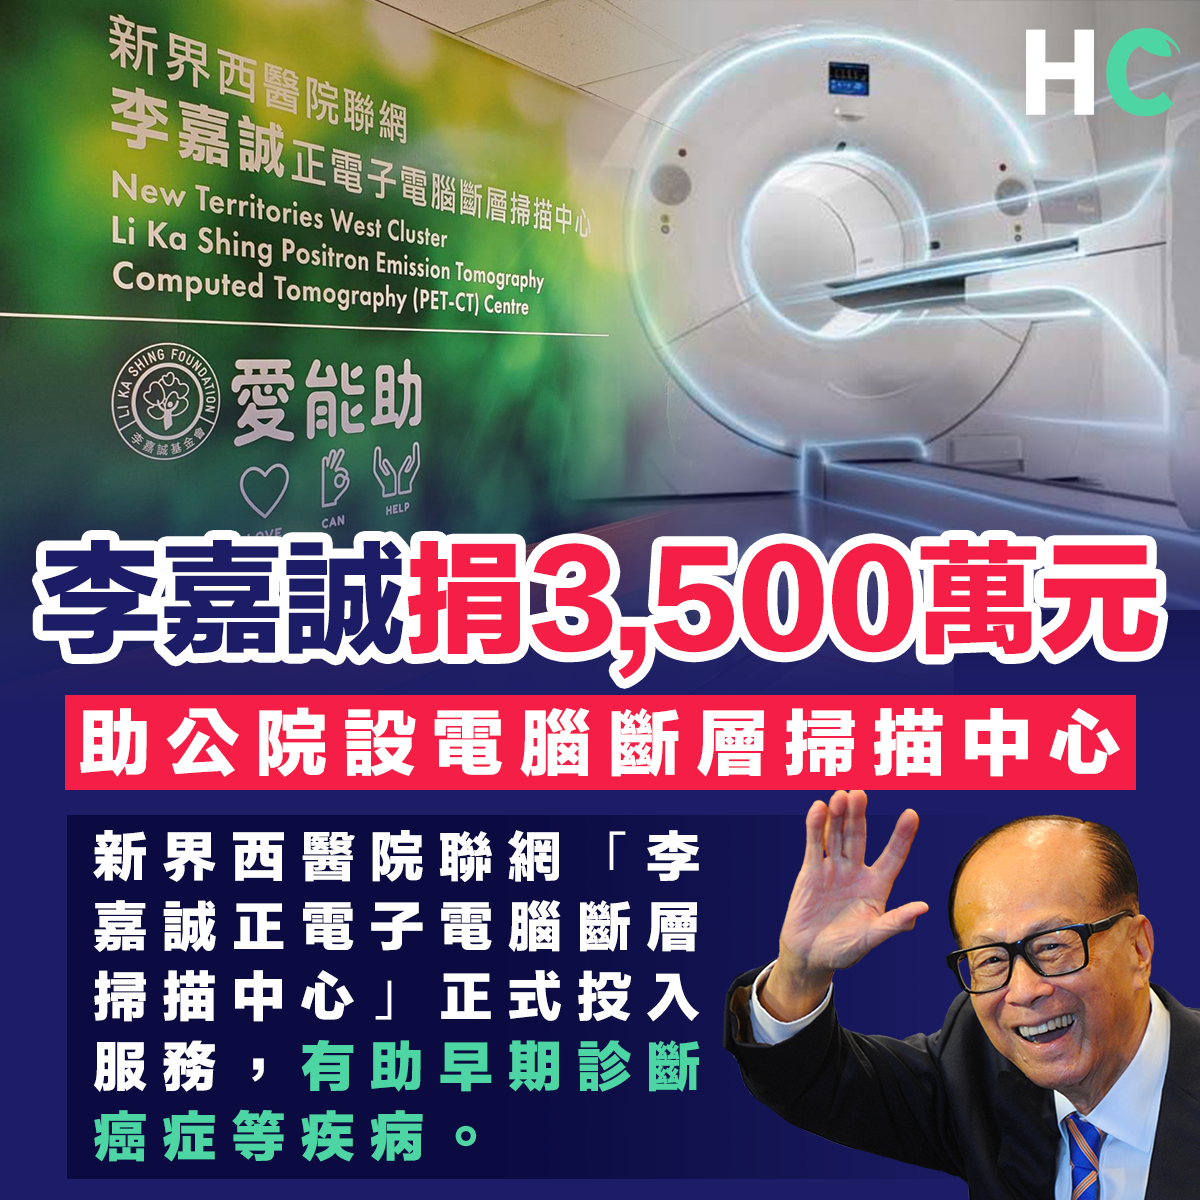 李嘉誠捐3,500萬元 助公院設電腦斷層掃描中心